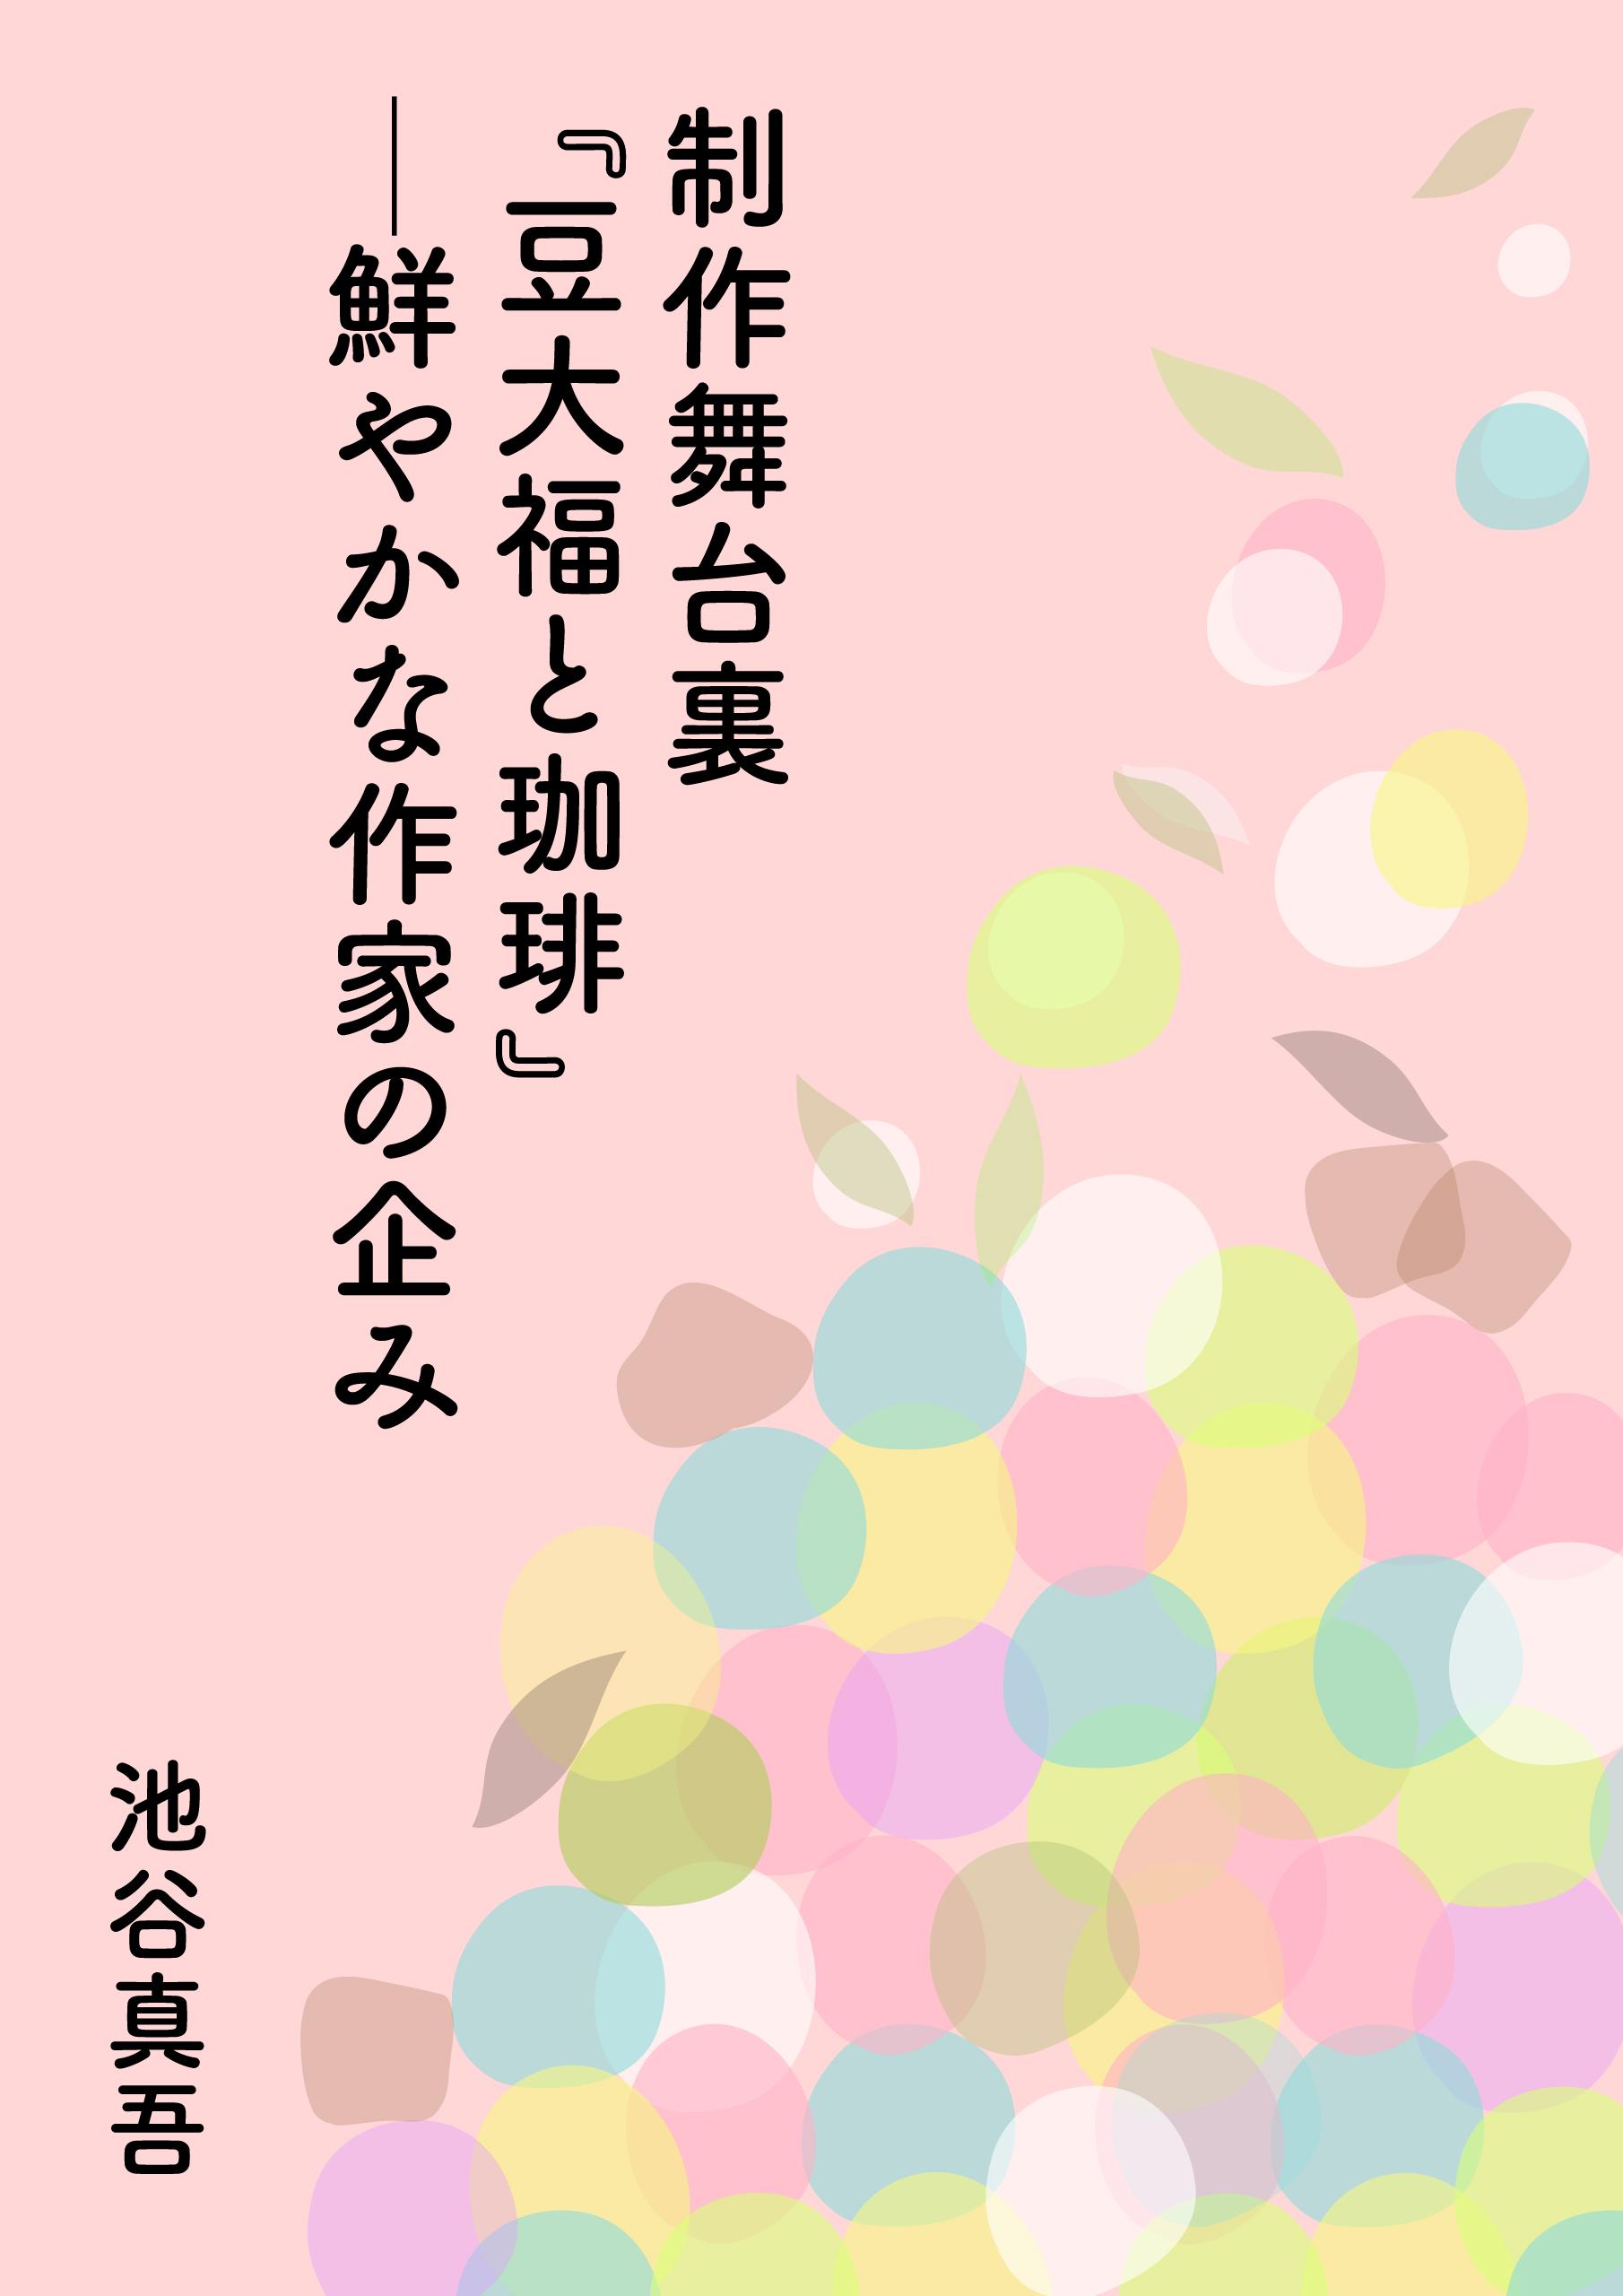 制作舞台裏 『豆大福と珈琲』――鮮やかな作家の企み